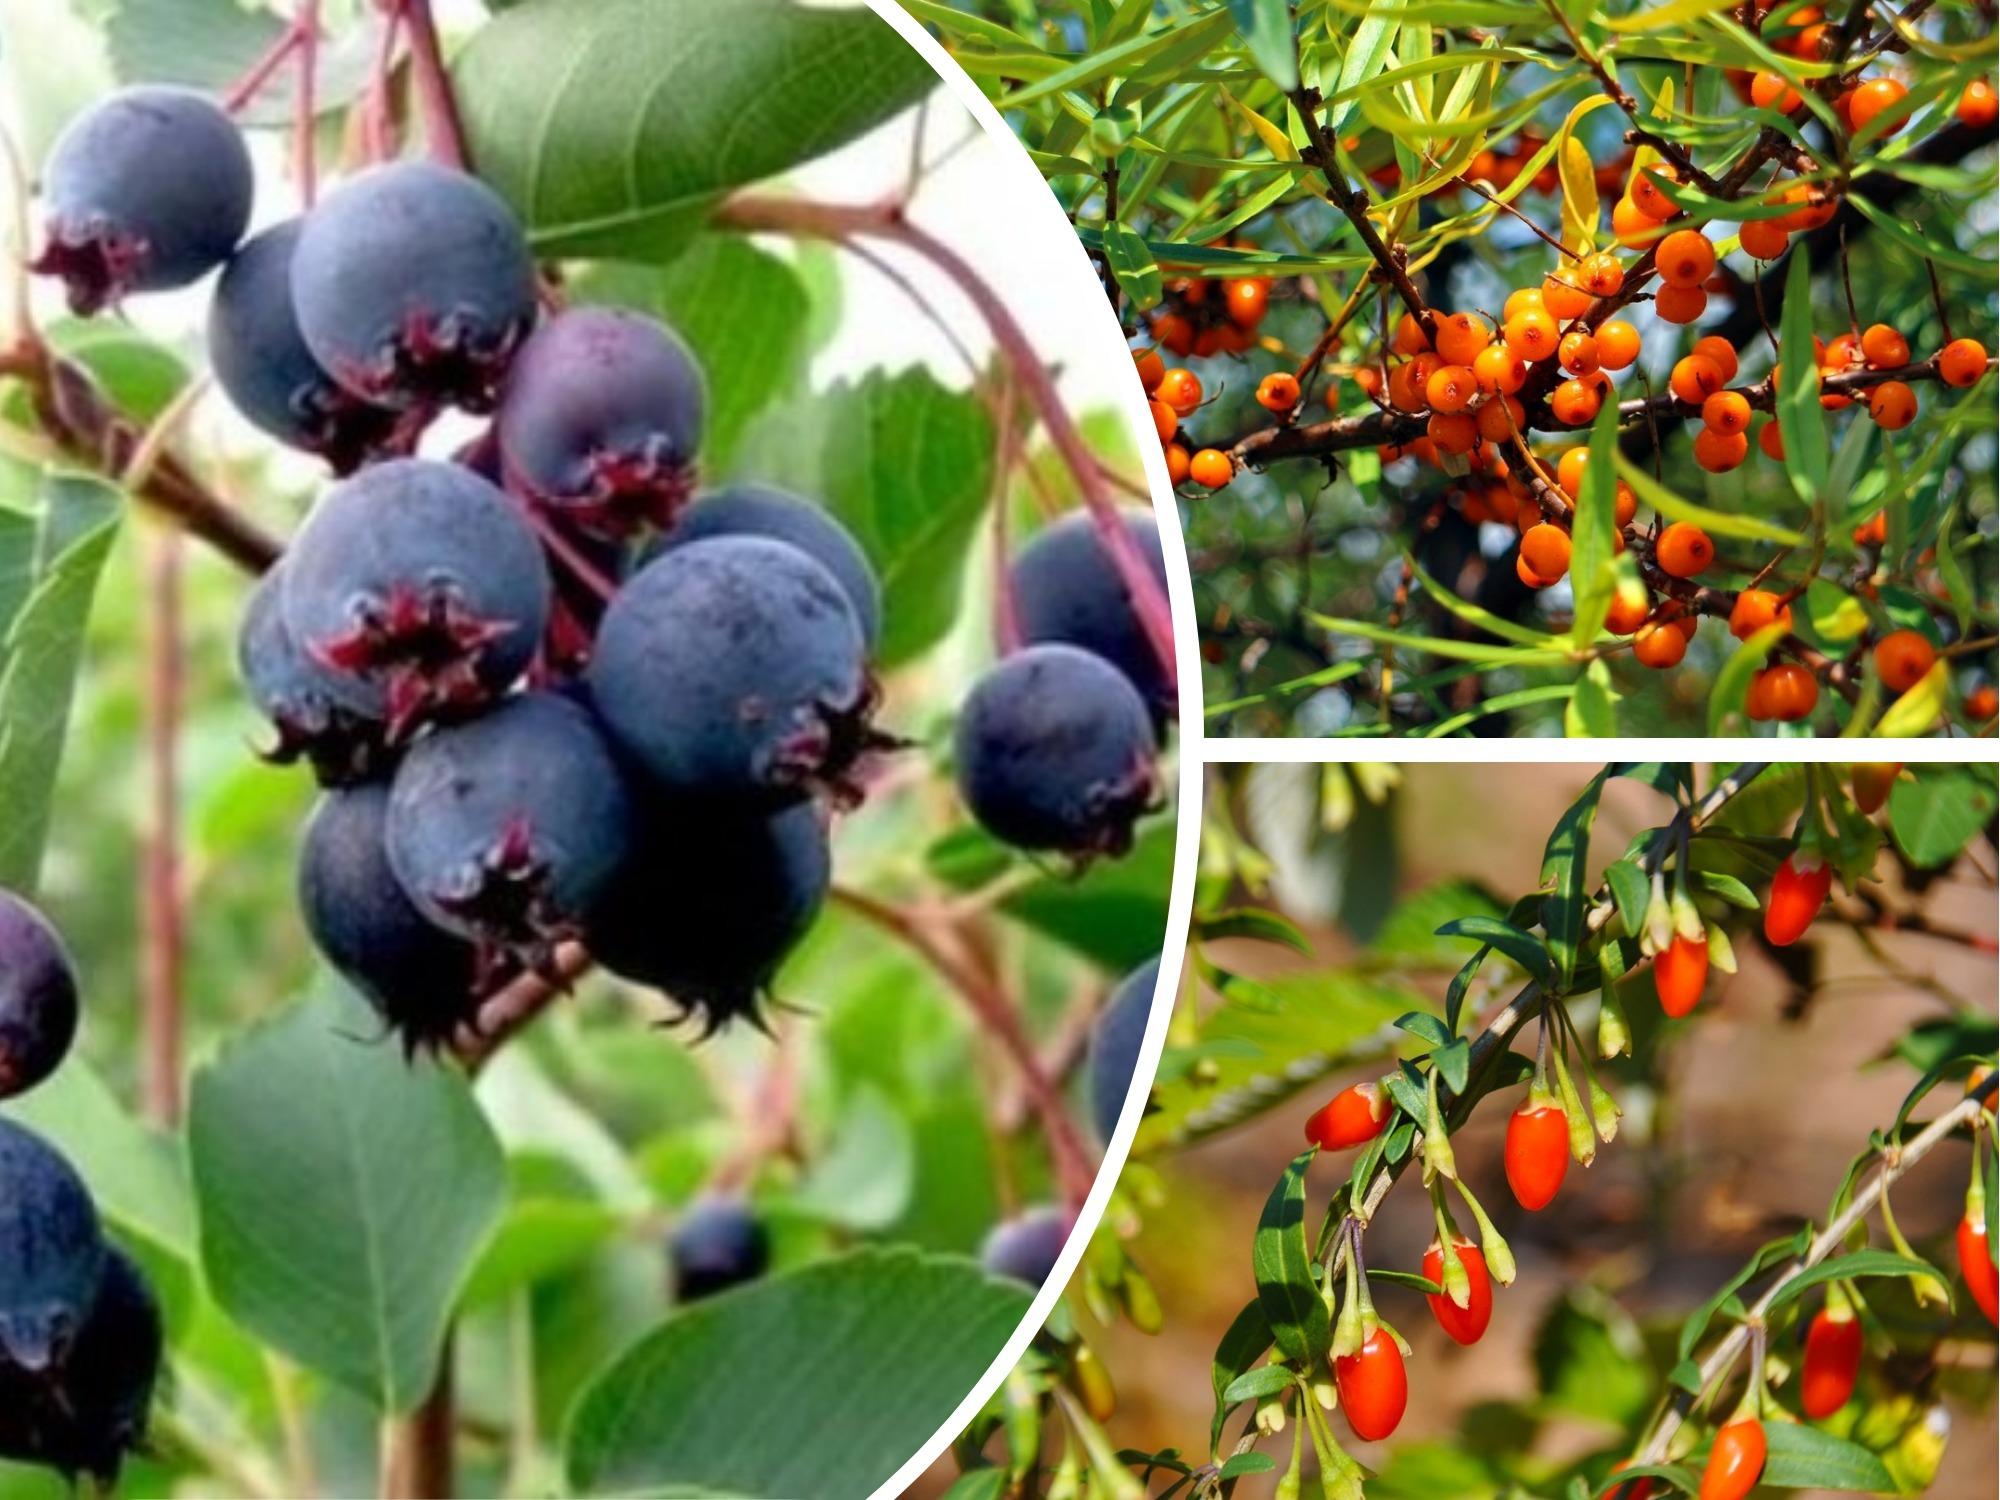 Afaceri profitabile in agricultura. Iata 3 arbusti care va pot imbogati: Catina, Afinul si Goji